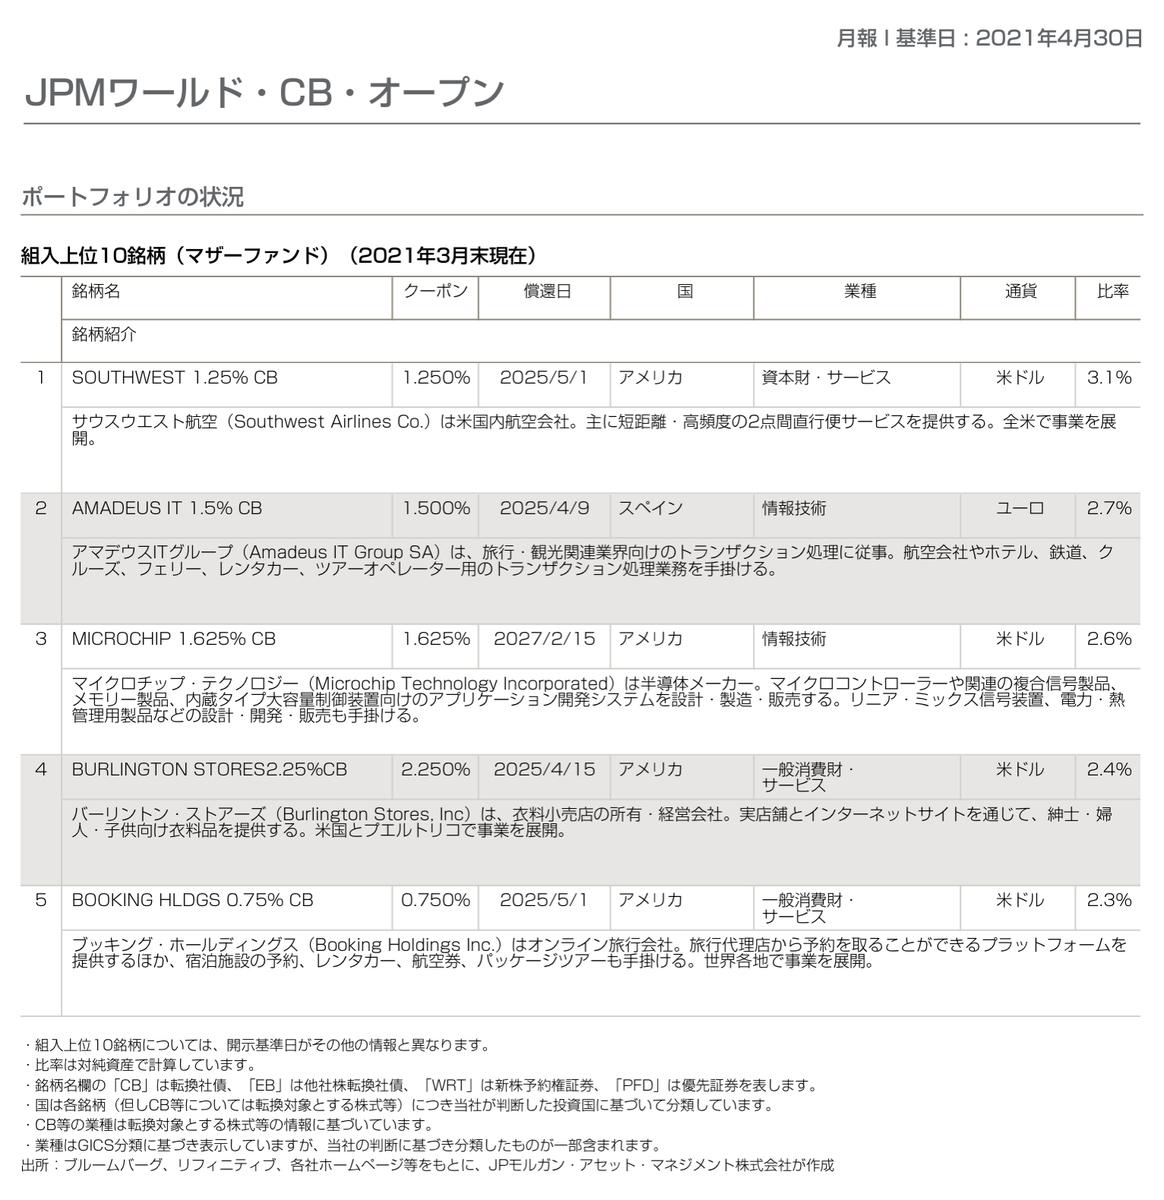 f:id:kavalanmaru:20210624023216j:plain